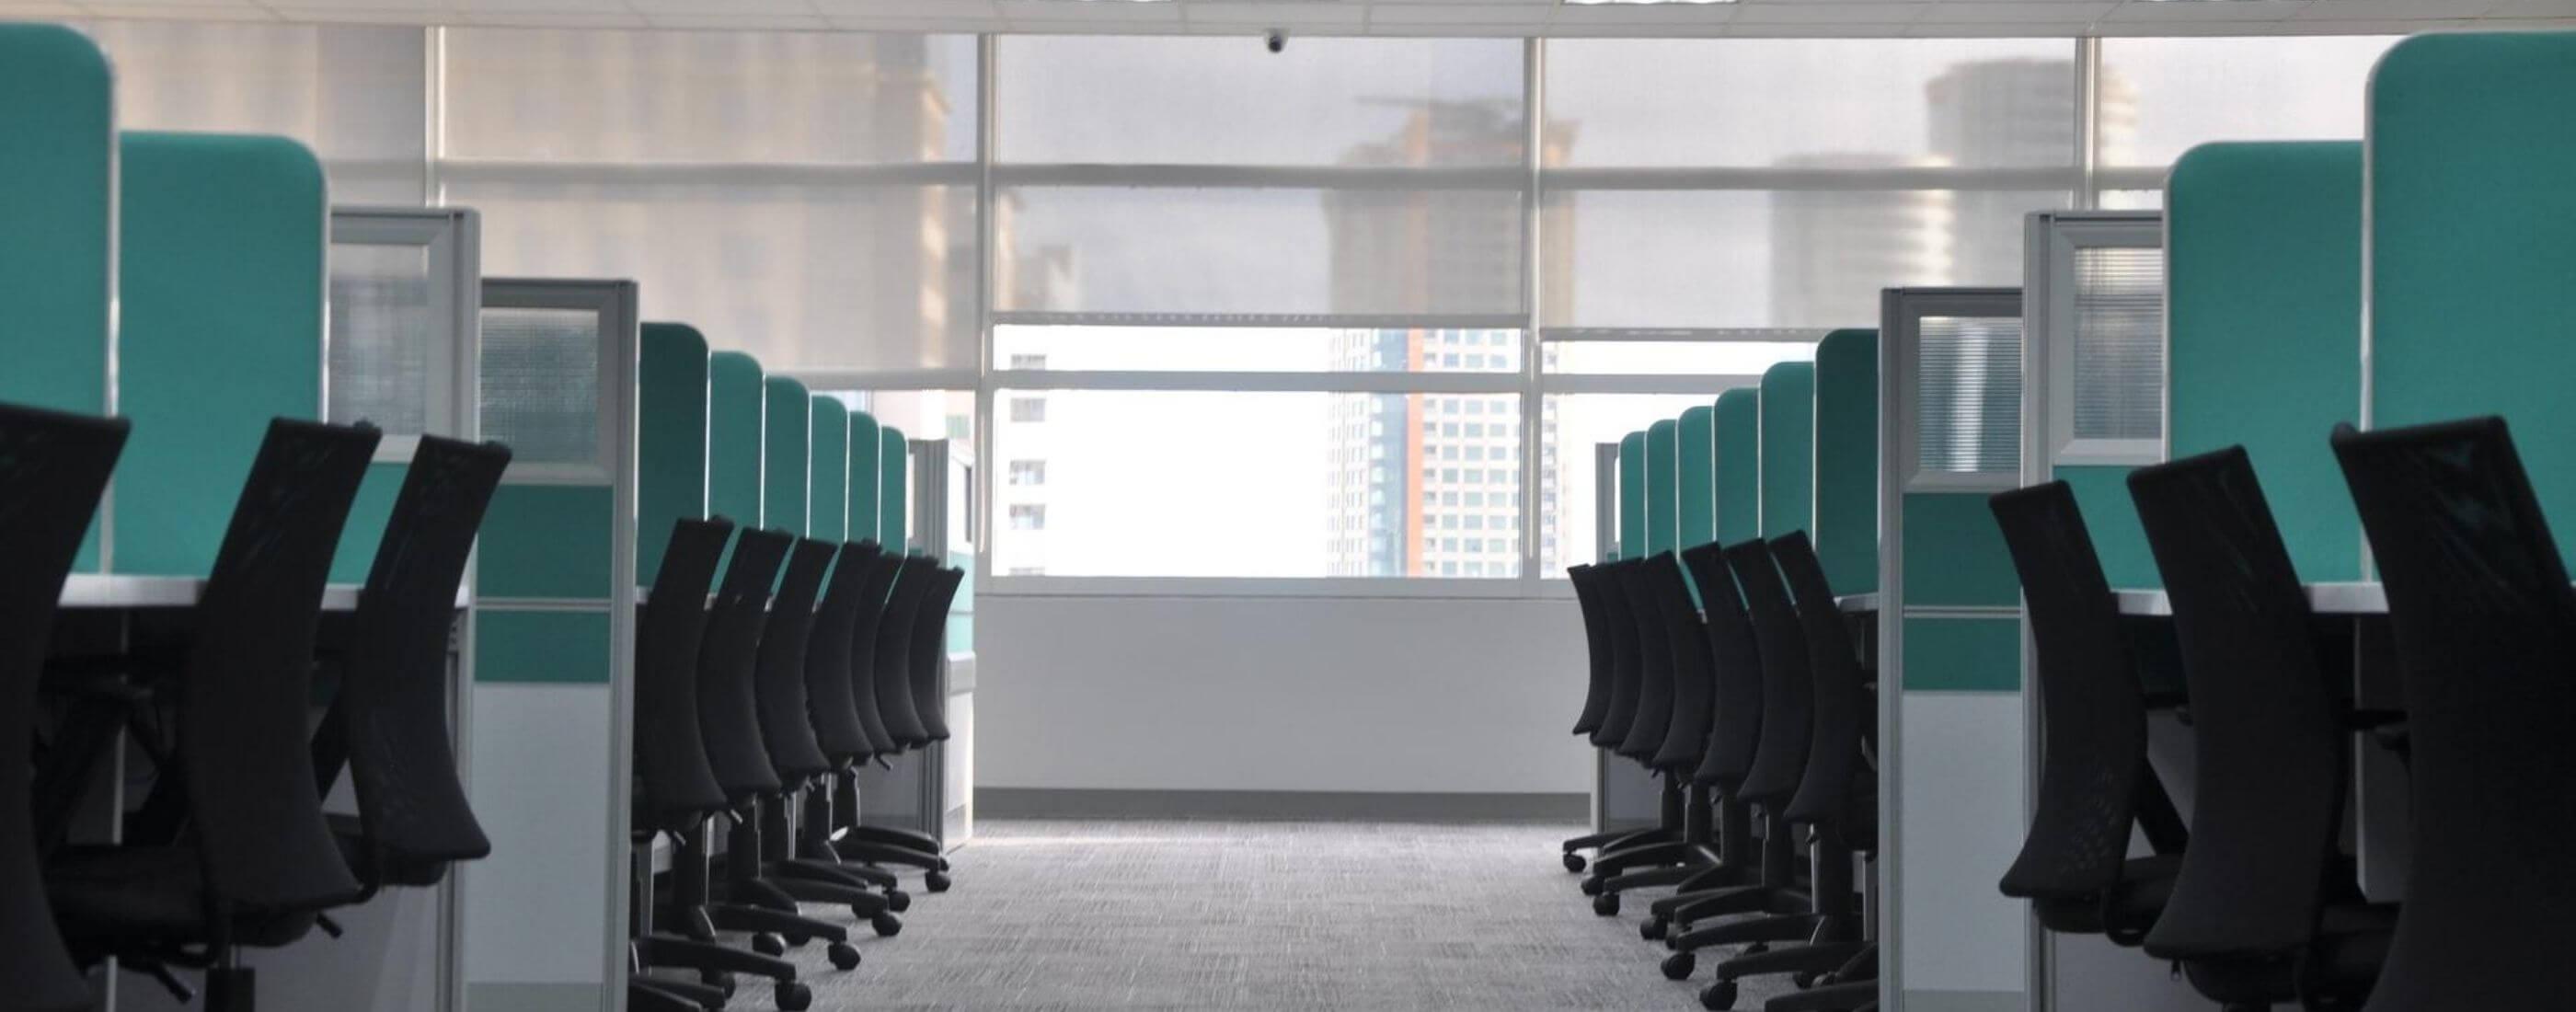 ¿Cuánto cuesta adaptar tus instalaciones a la nueva normalidad?